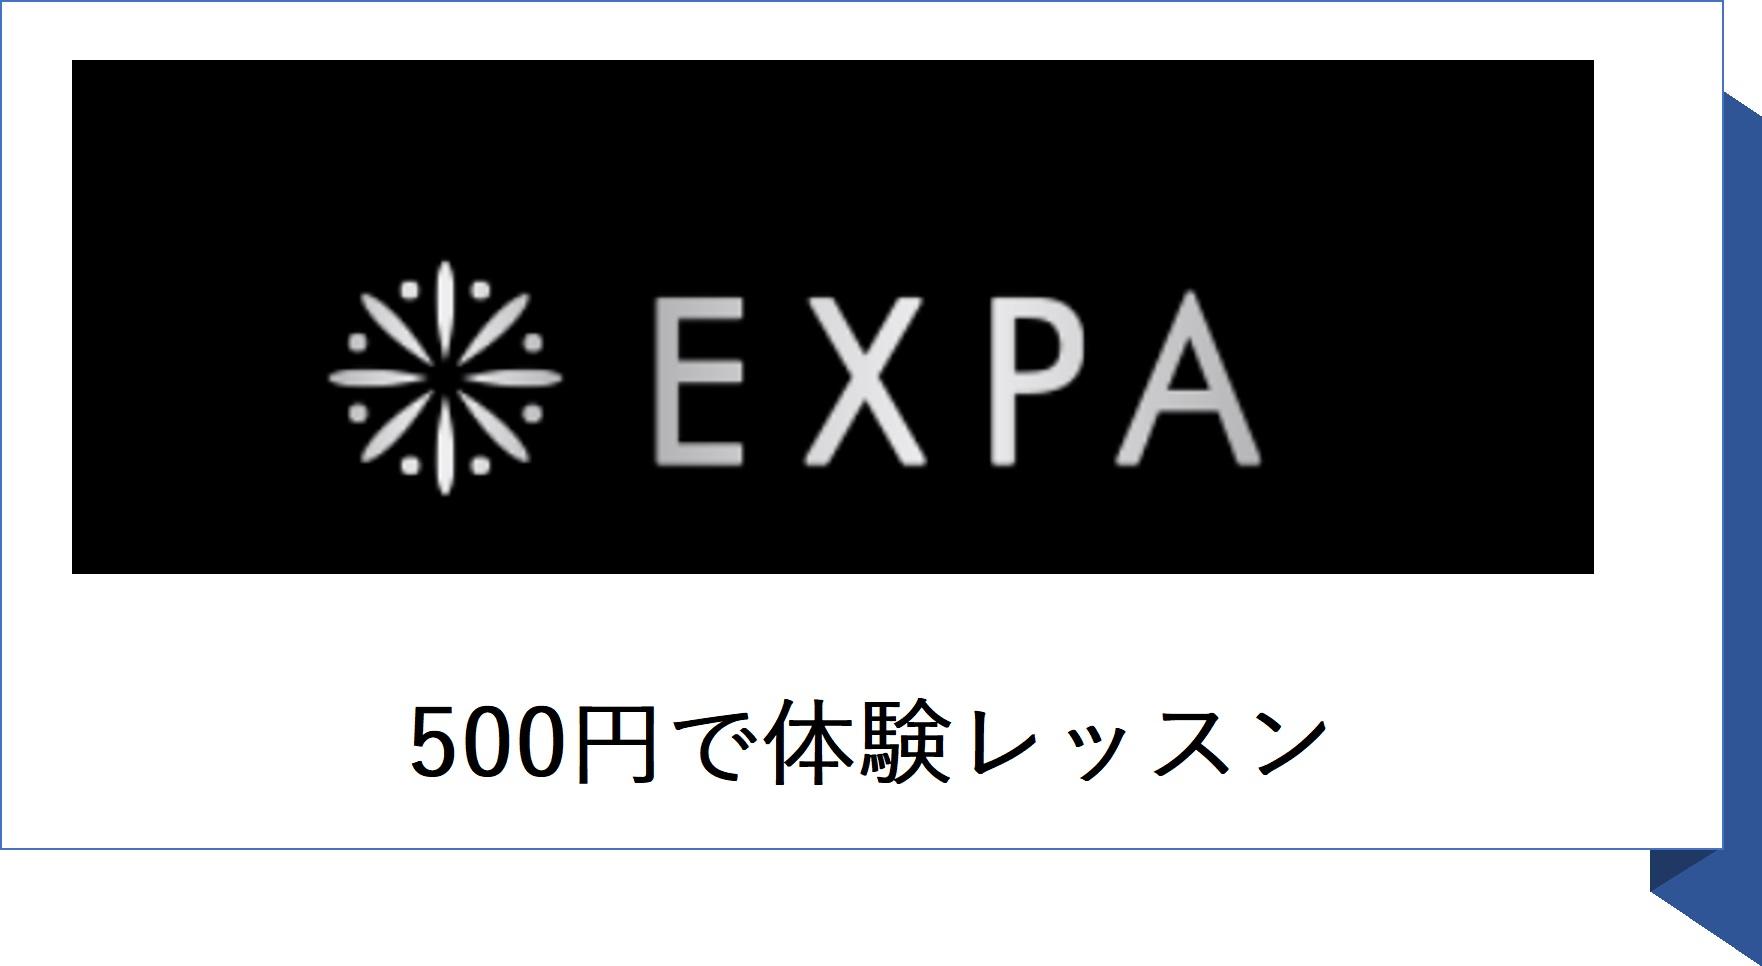 expa(500円で体験レッスン)